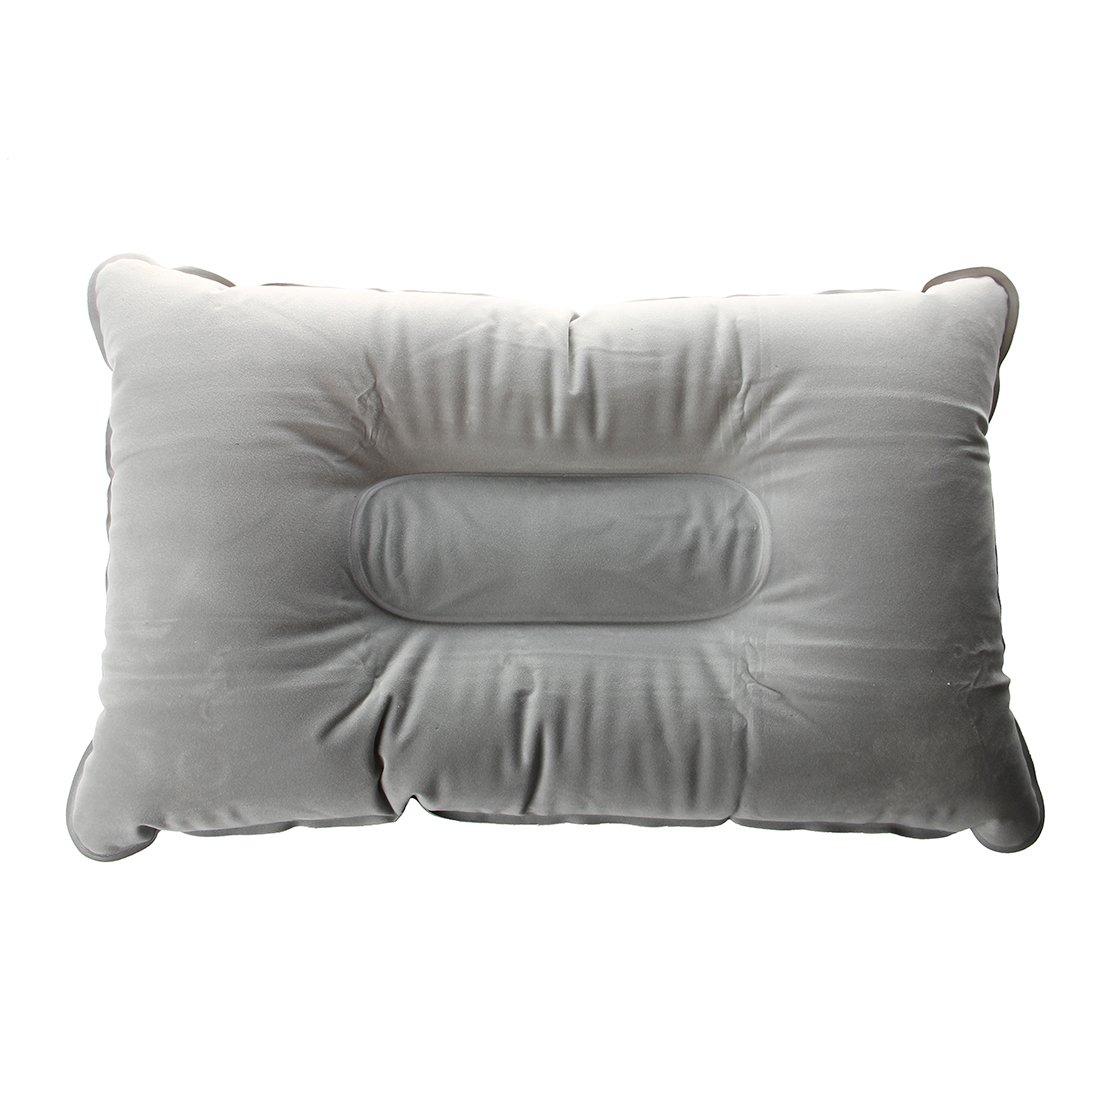 インフレータブル枕 – TOOGOO ( R )インフレータブル枕-- Double Face +インフレータブル枕クッションマットキャンプピクニックグレー40 * 25 cmの B015GV0YMG